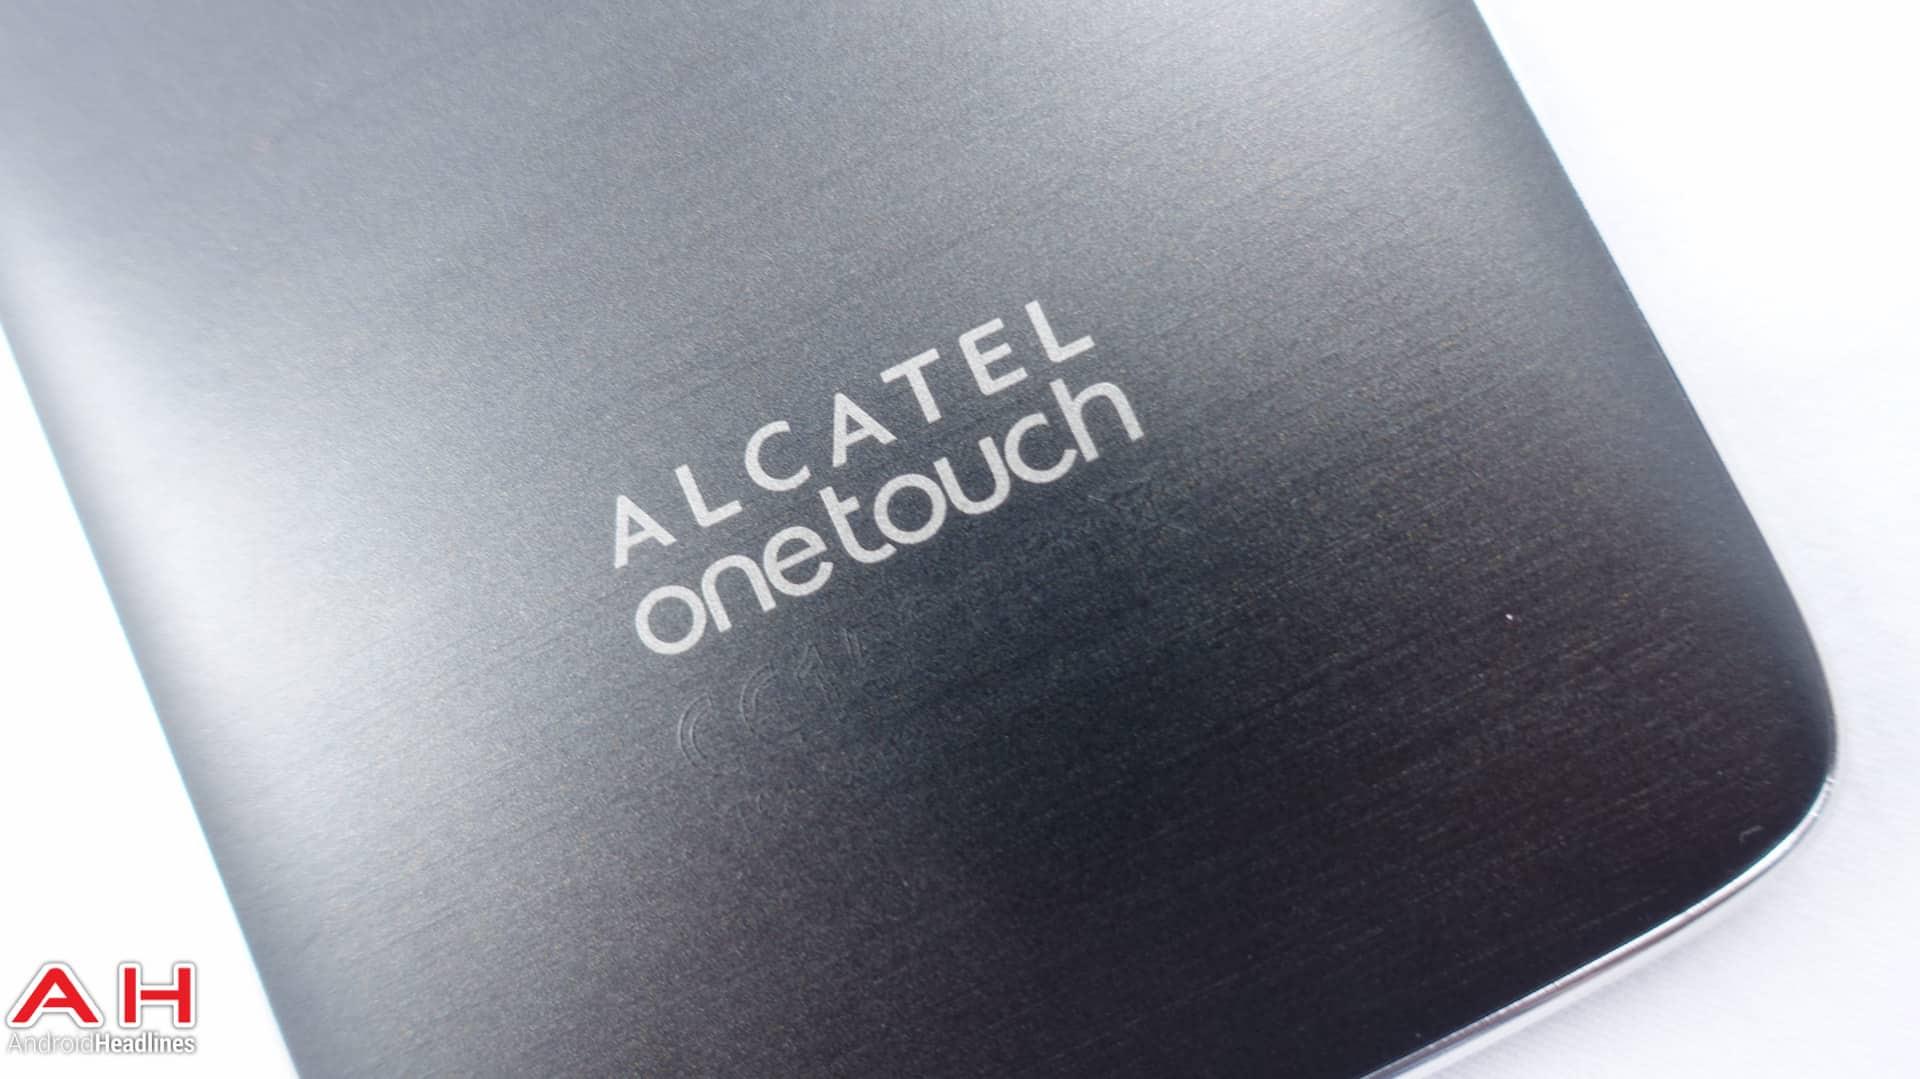 Alcatel Onetouch idol 3 AH 04033